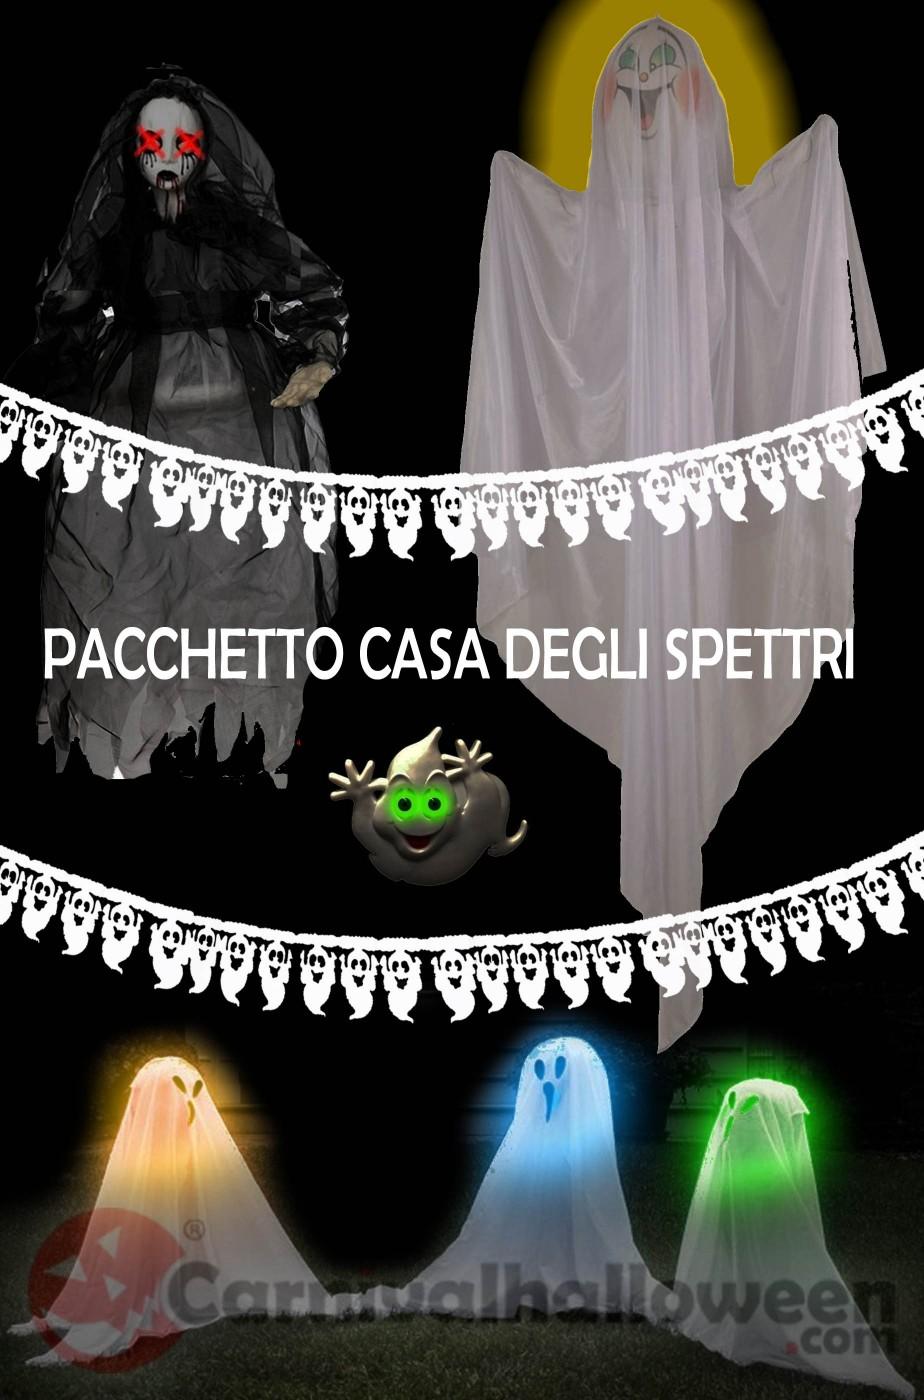 Pacchetto Decorazioni Halloween casa degli spettri